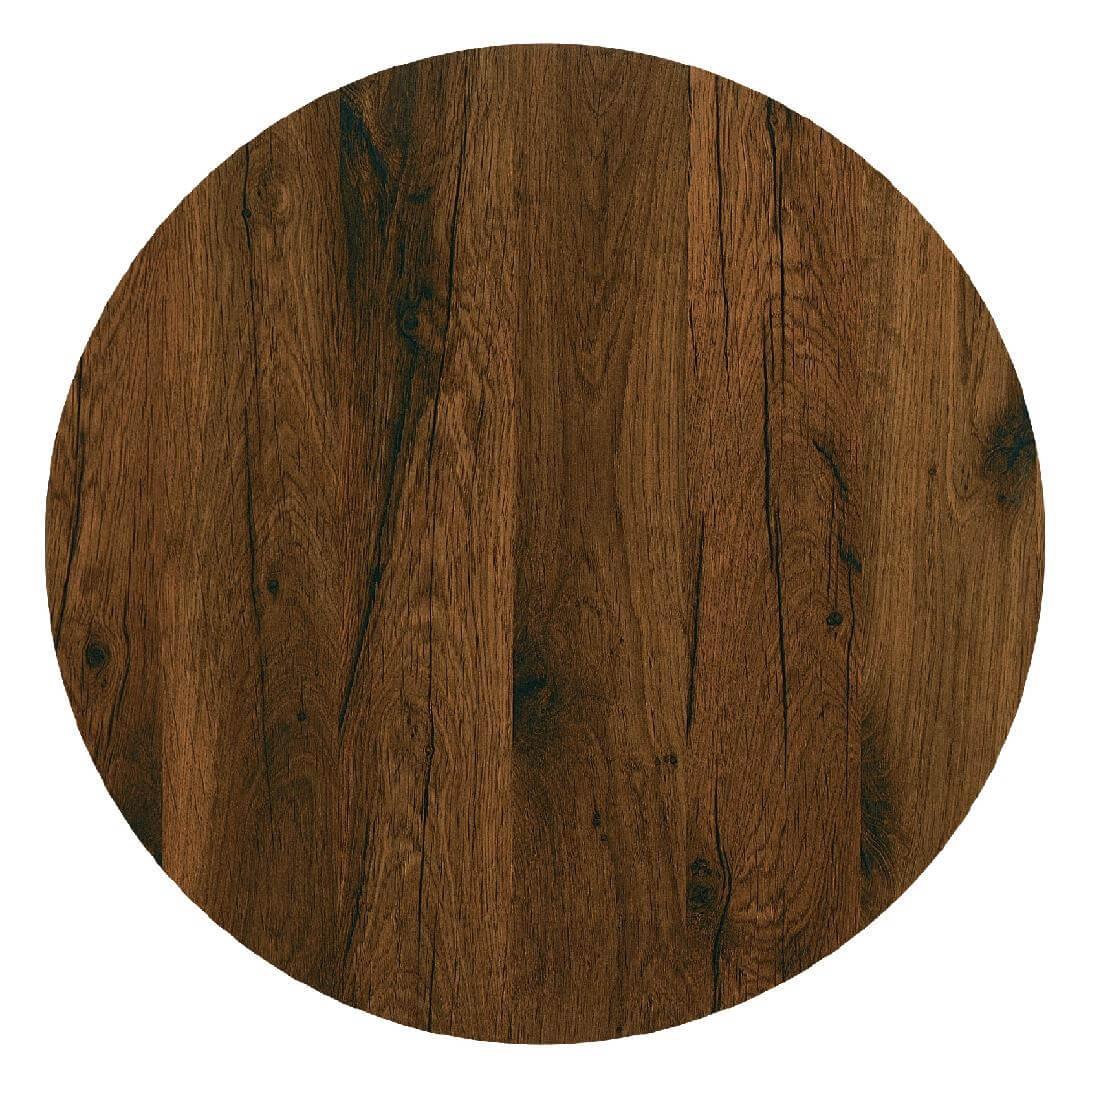 Werzalit Round - Antique Oak